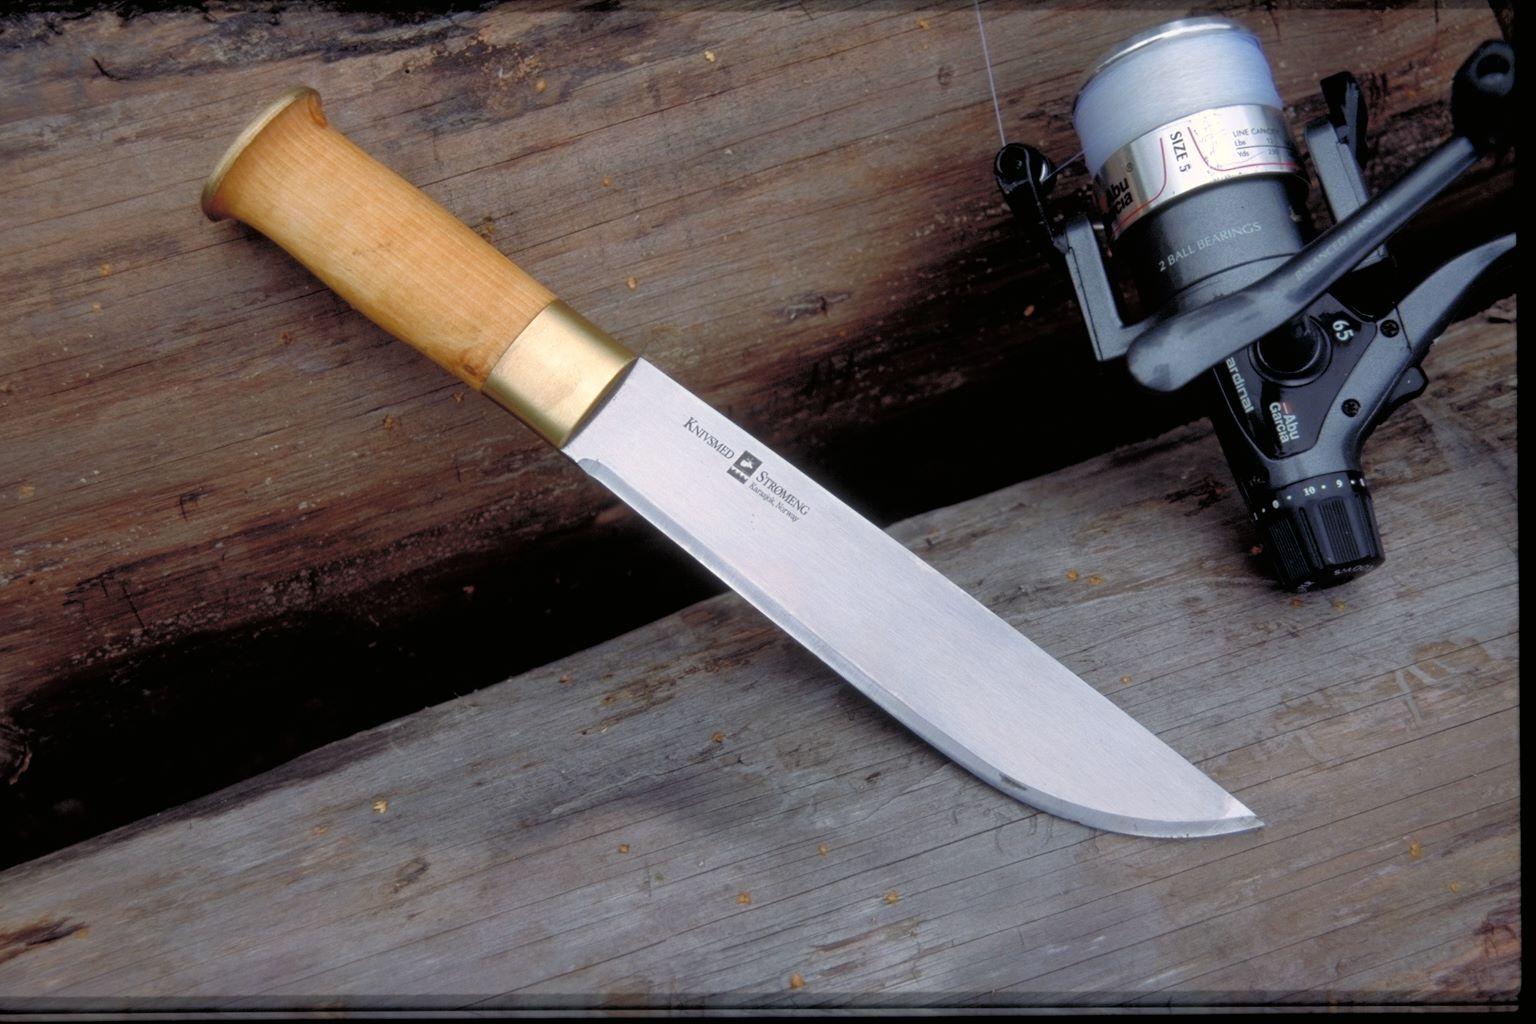 Making a sami knife